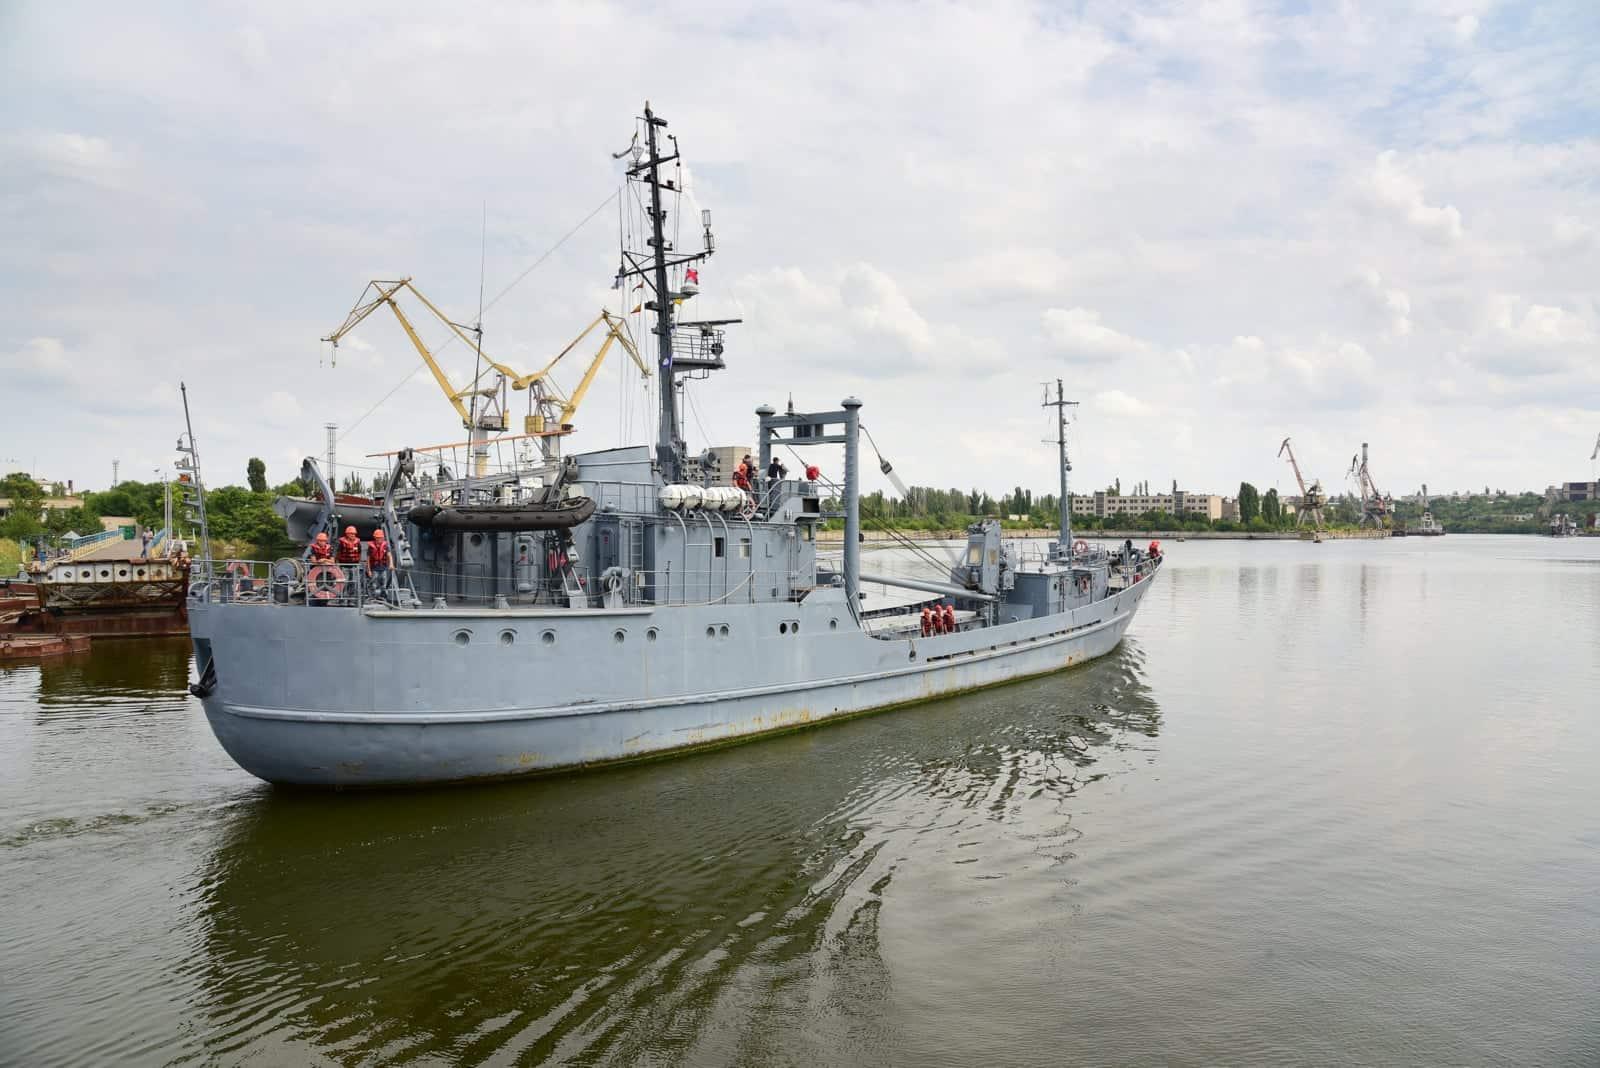 Розвідувальний корабель «Переяслав» у серпні 2021 року в акваторії ДП «Миколаївський суднобудівний завод»